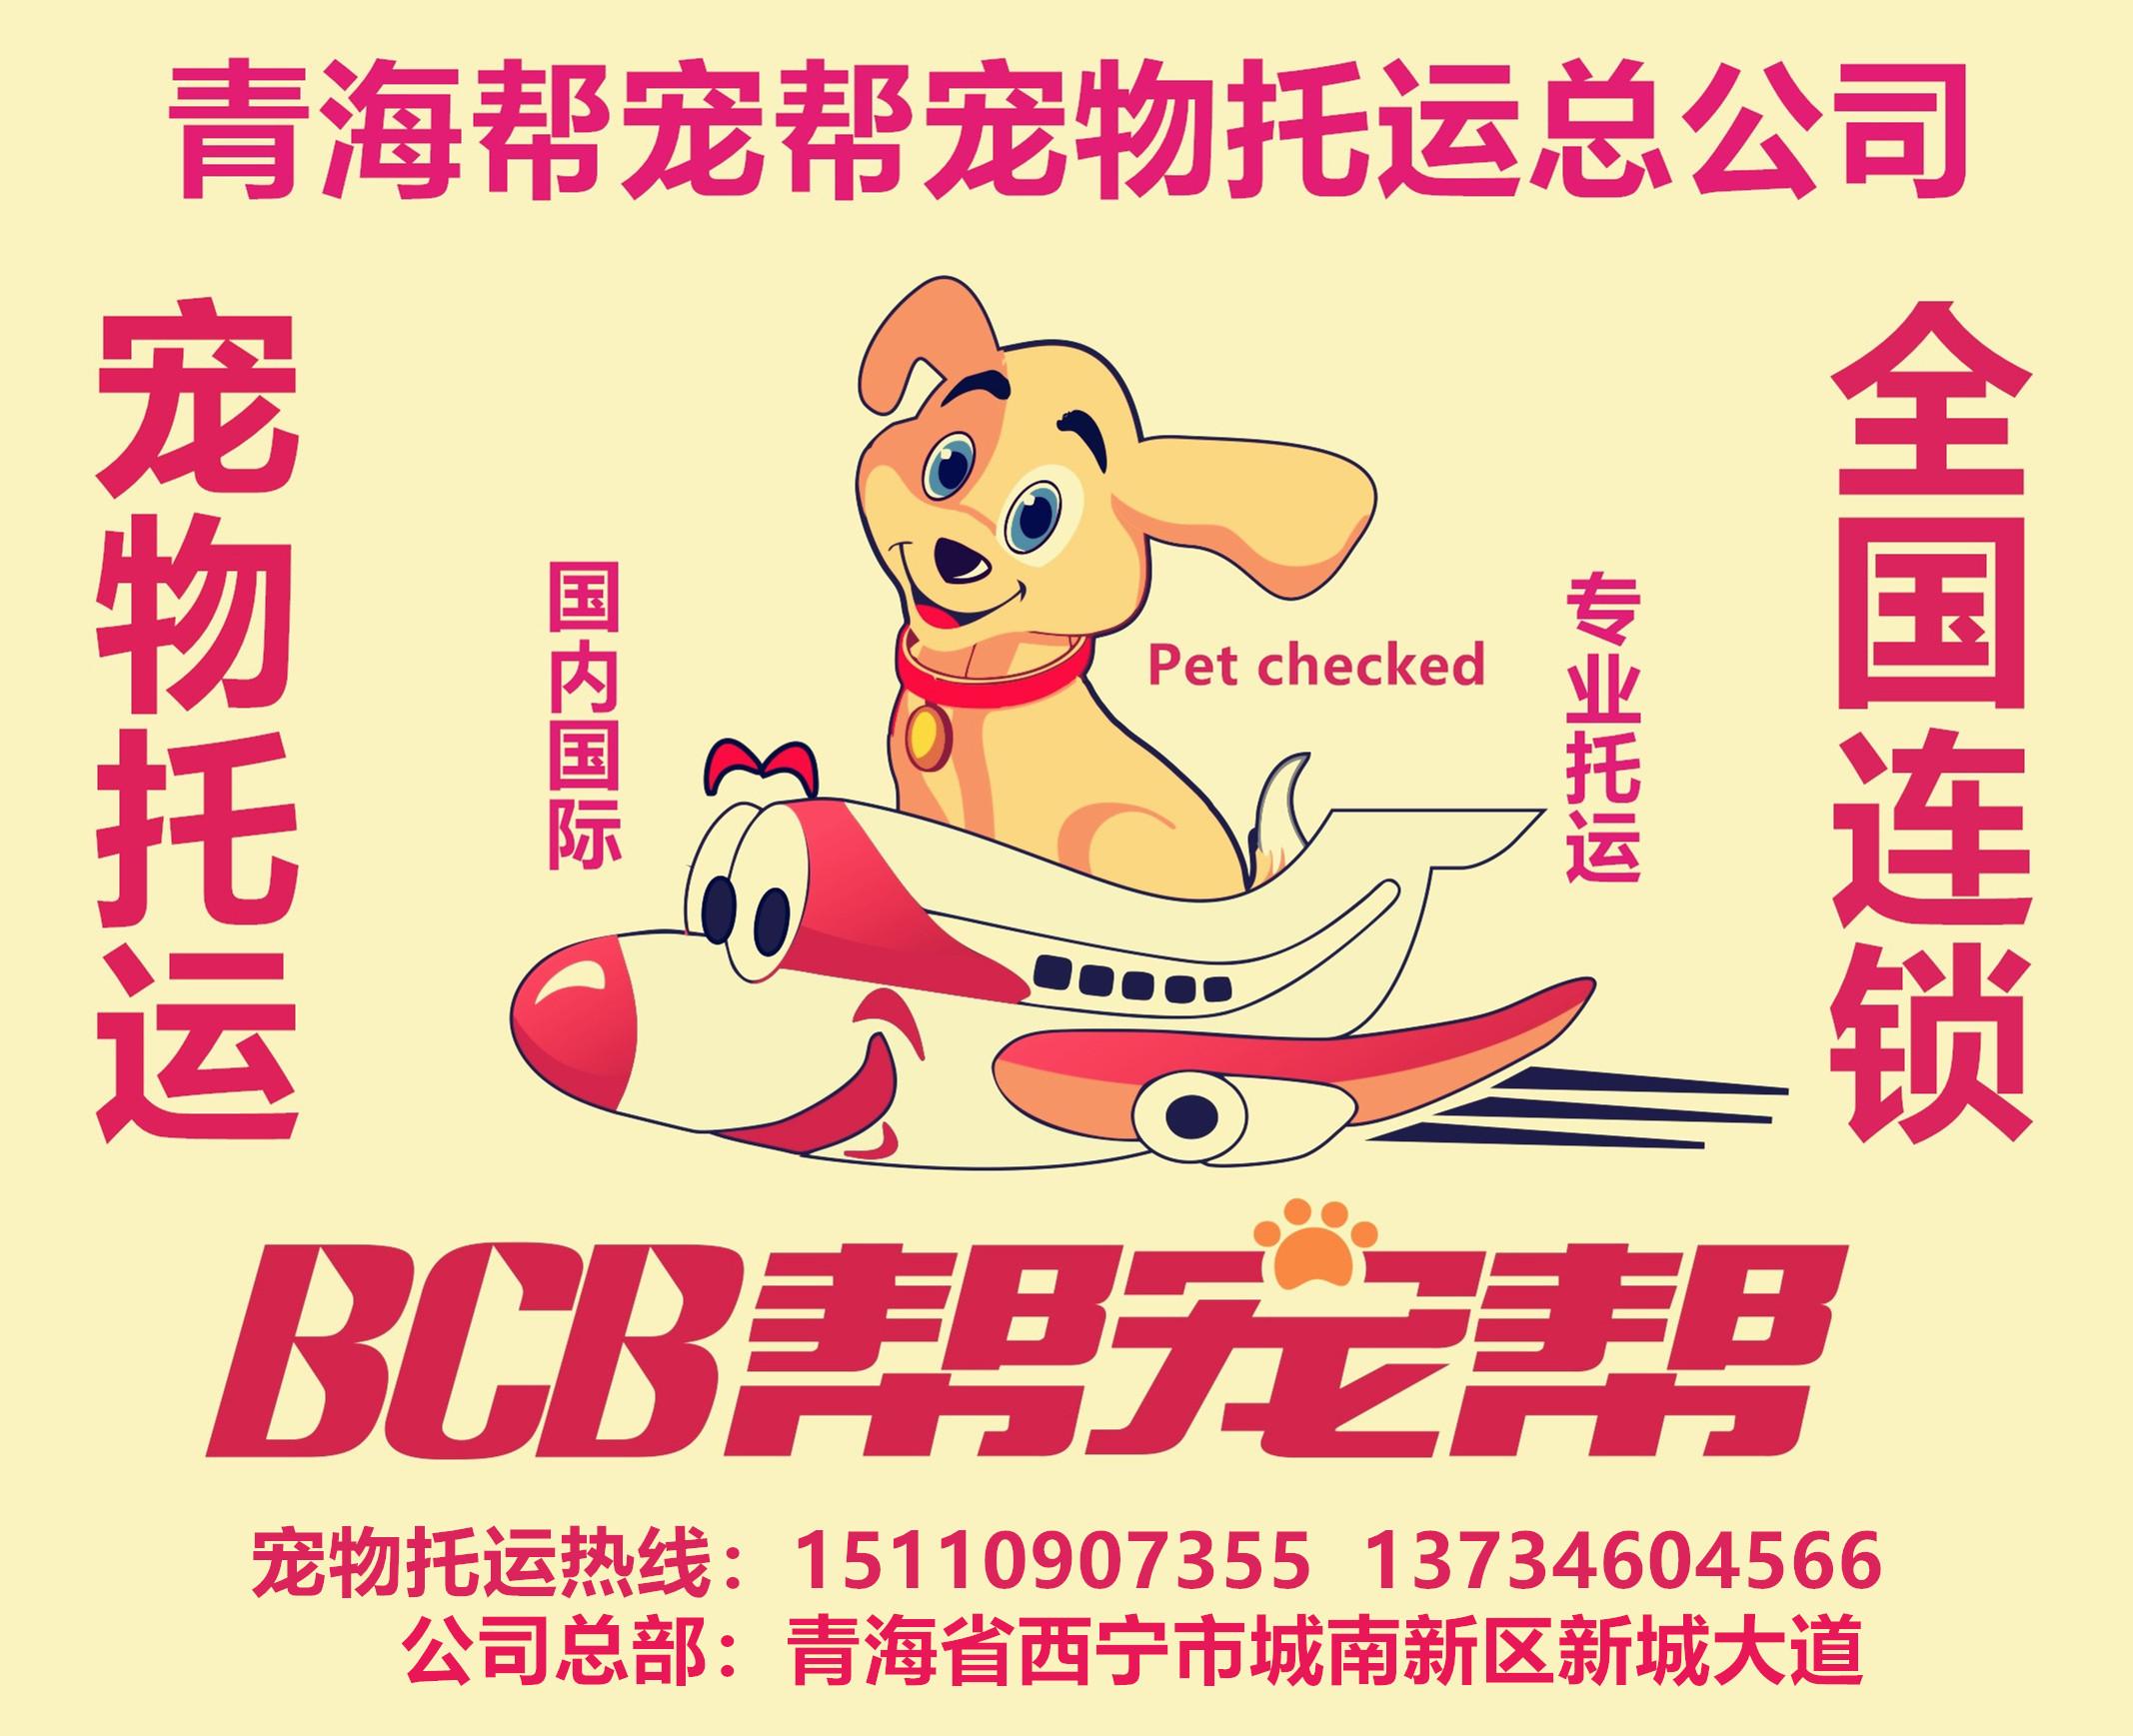 西宁宠物托运省心放心安心找西宁帮宠帮宠物托运1